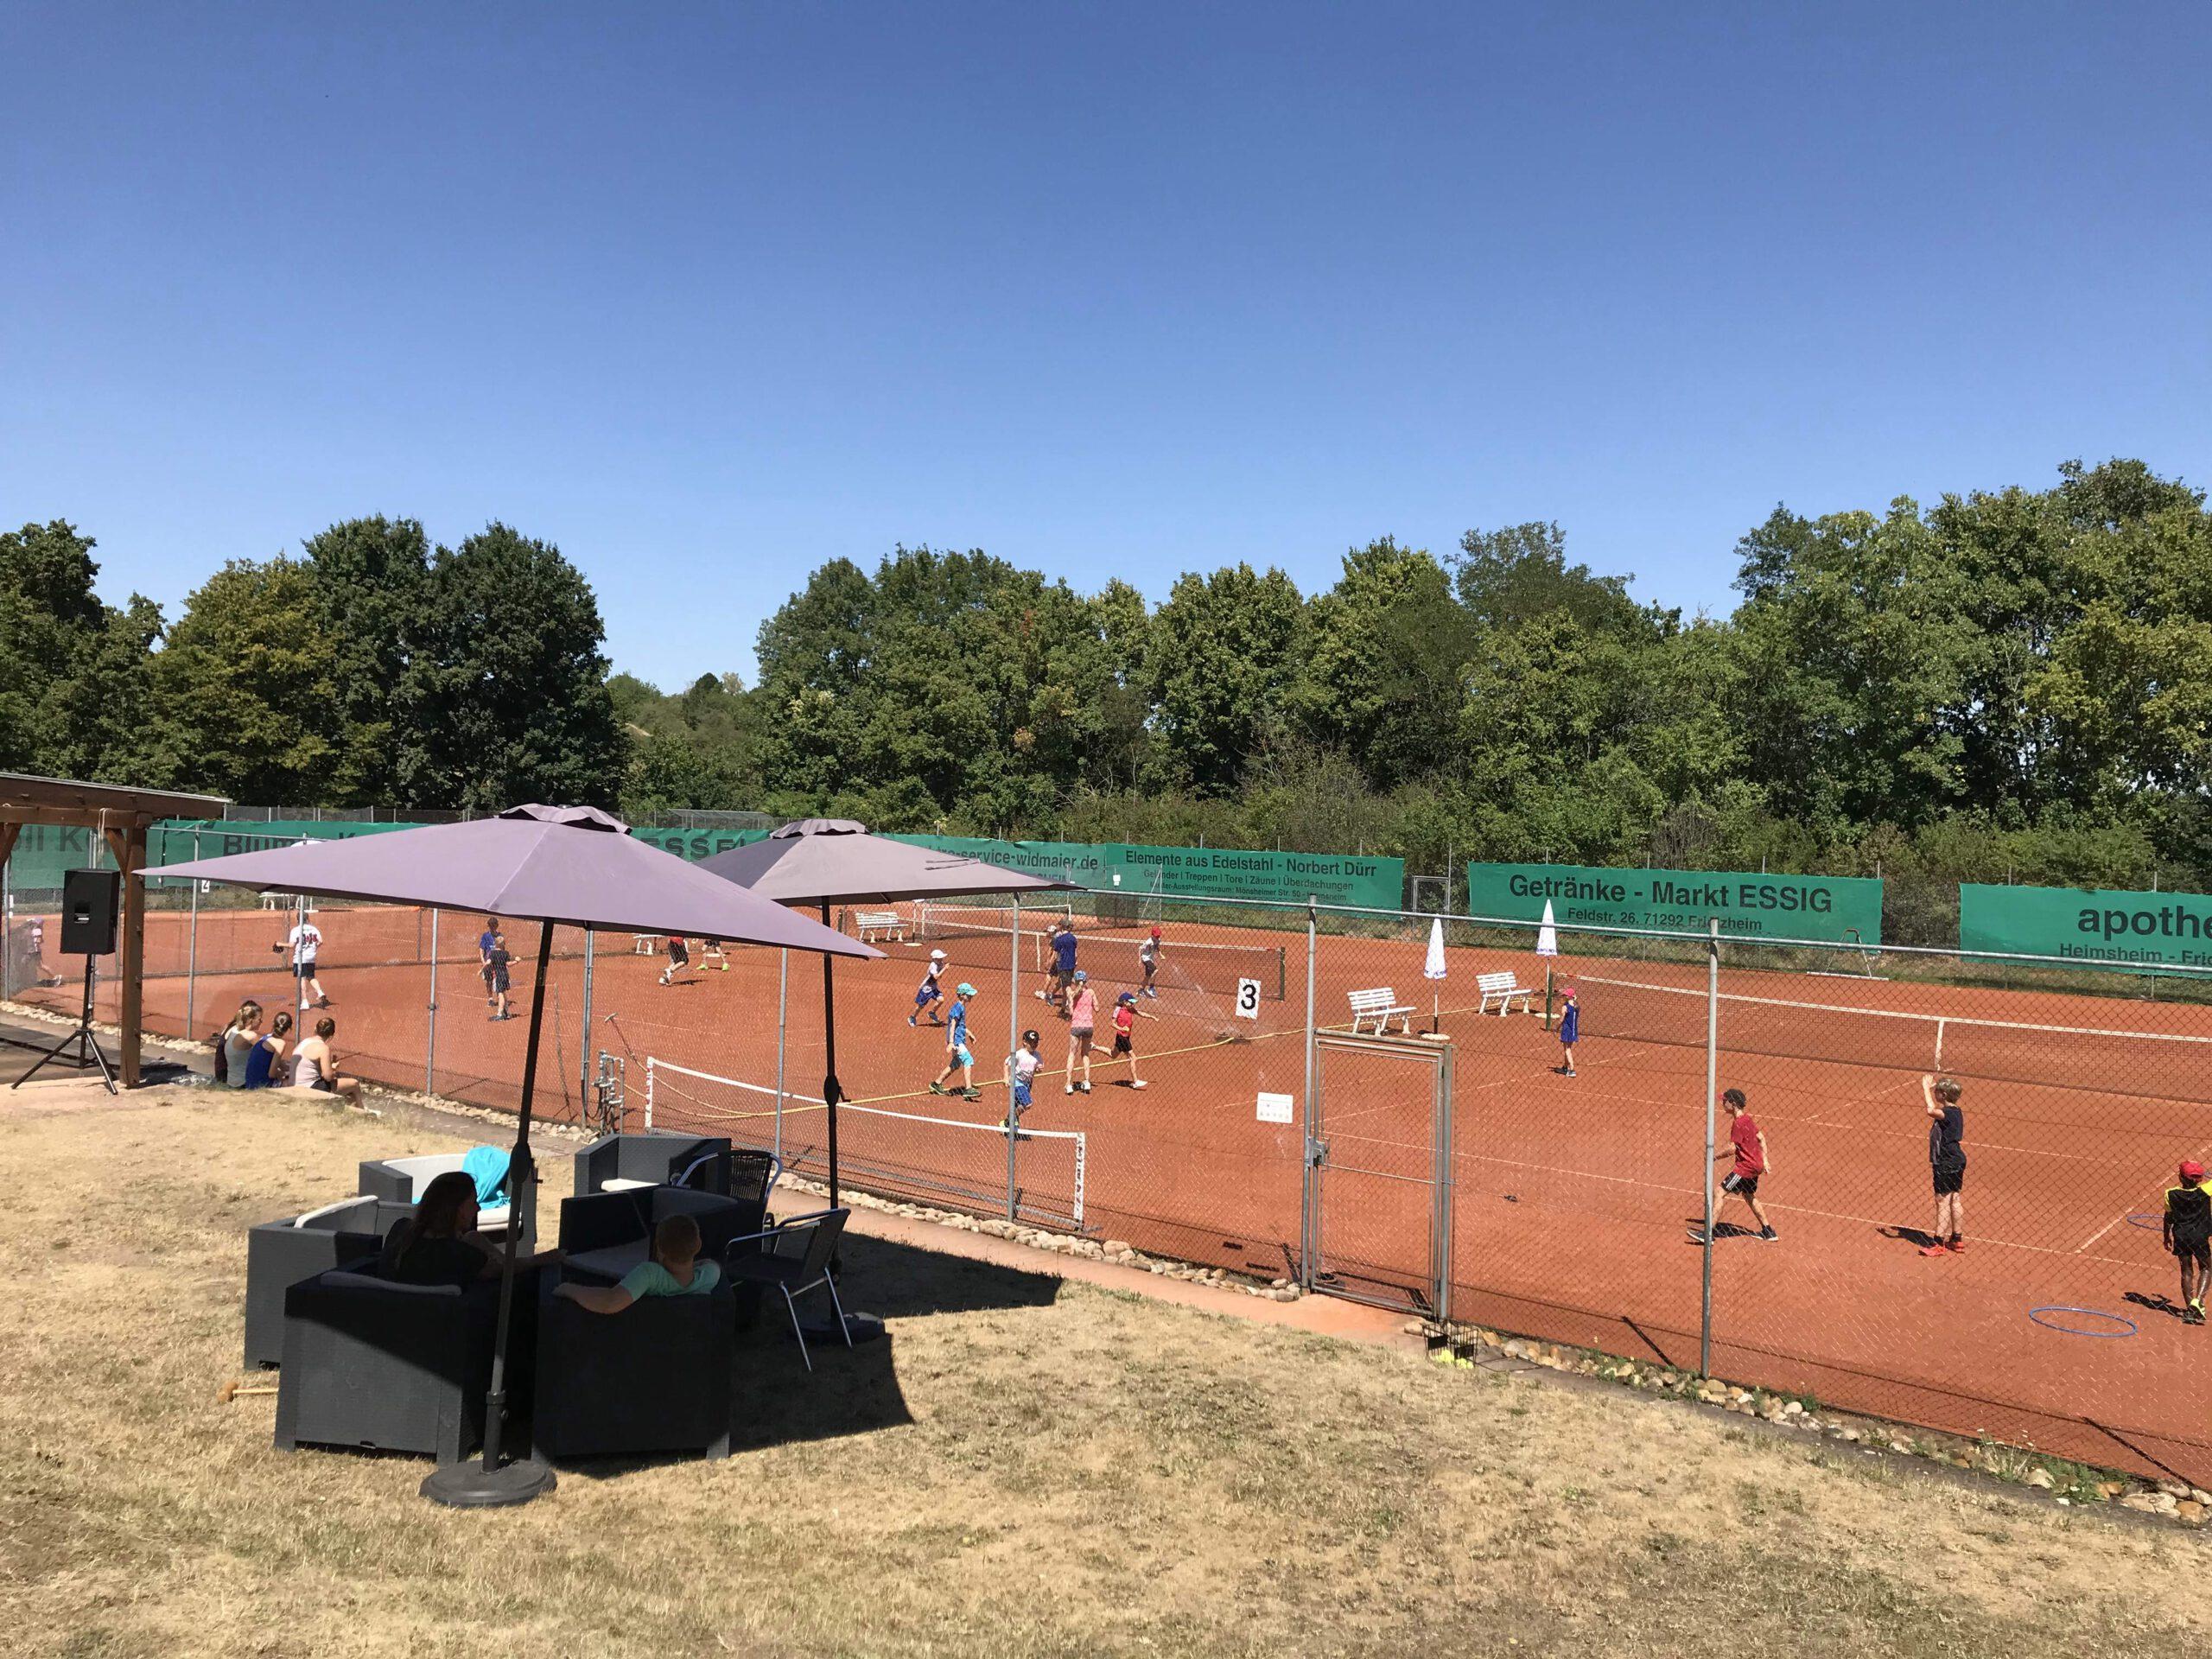 Ferienauftakt im Tenniscamp